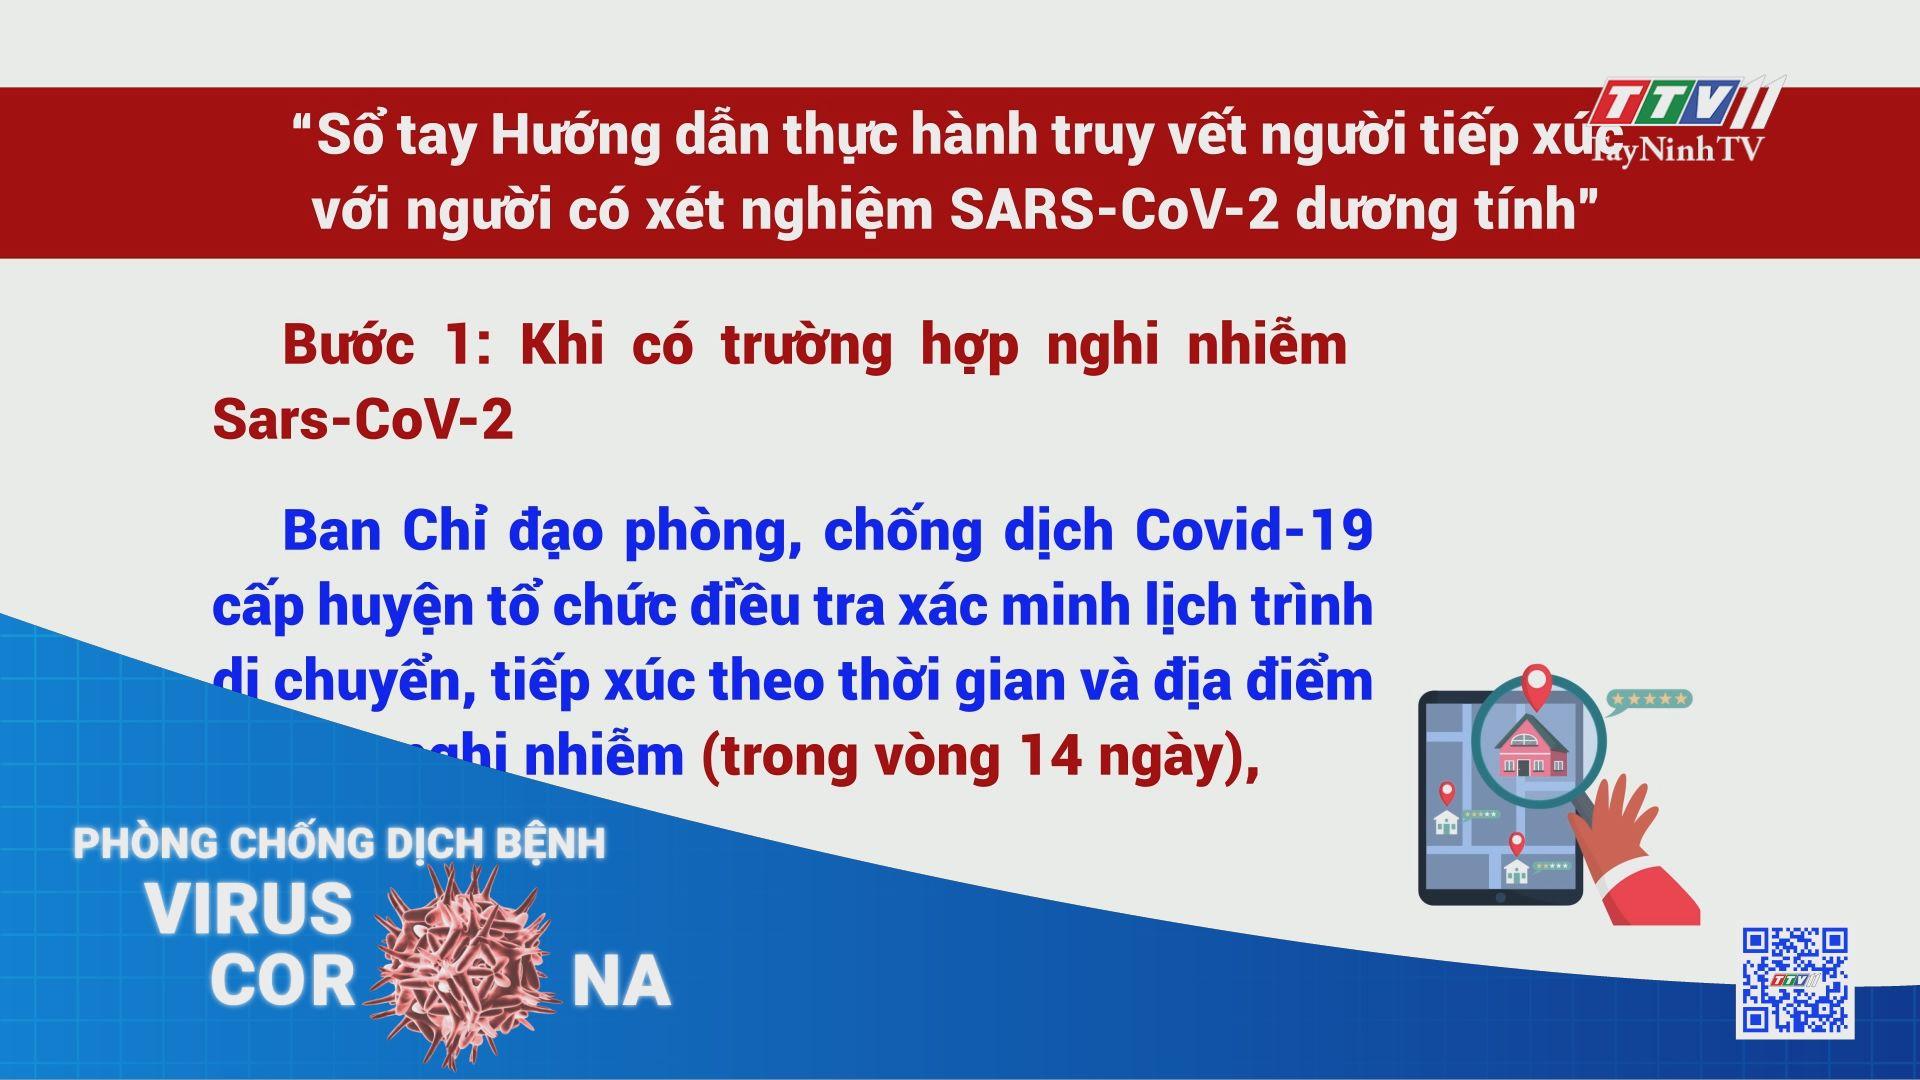 Sổ tay Hướng dẫn thực hành truy vết người tiếp xúc với người có xét nghiệm SARS-CoV-2 dương tính   THÔNG TIN DỊCH COVID-19   TayNinhTV